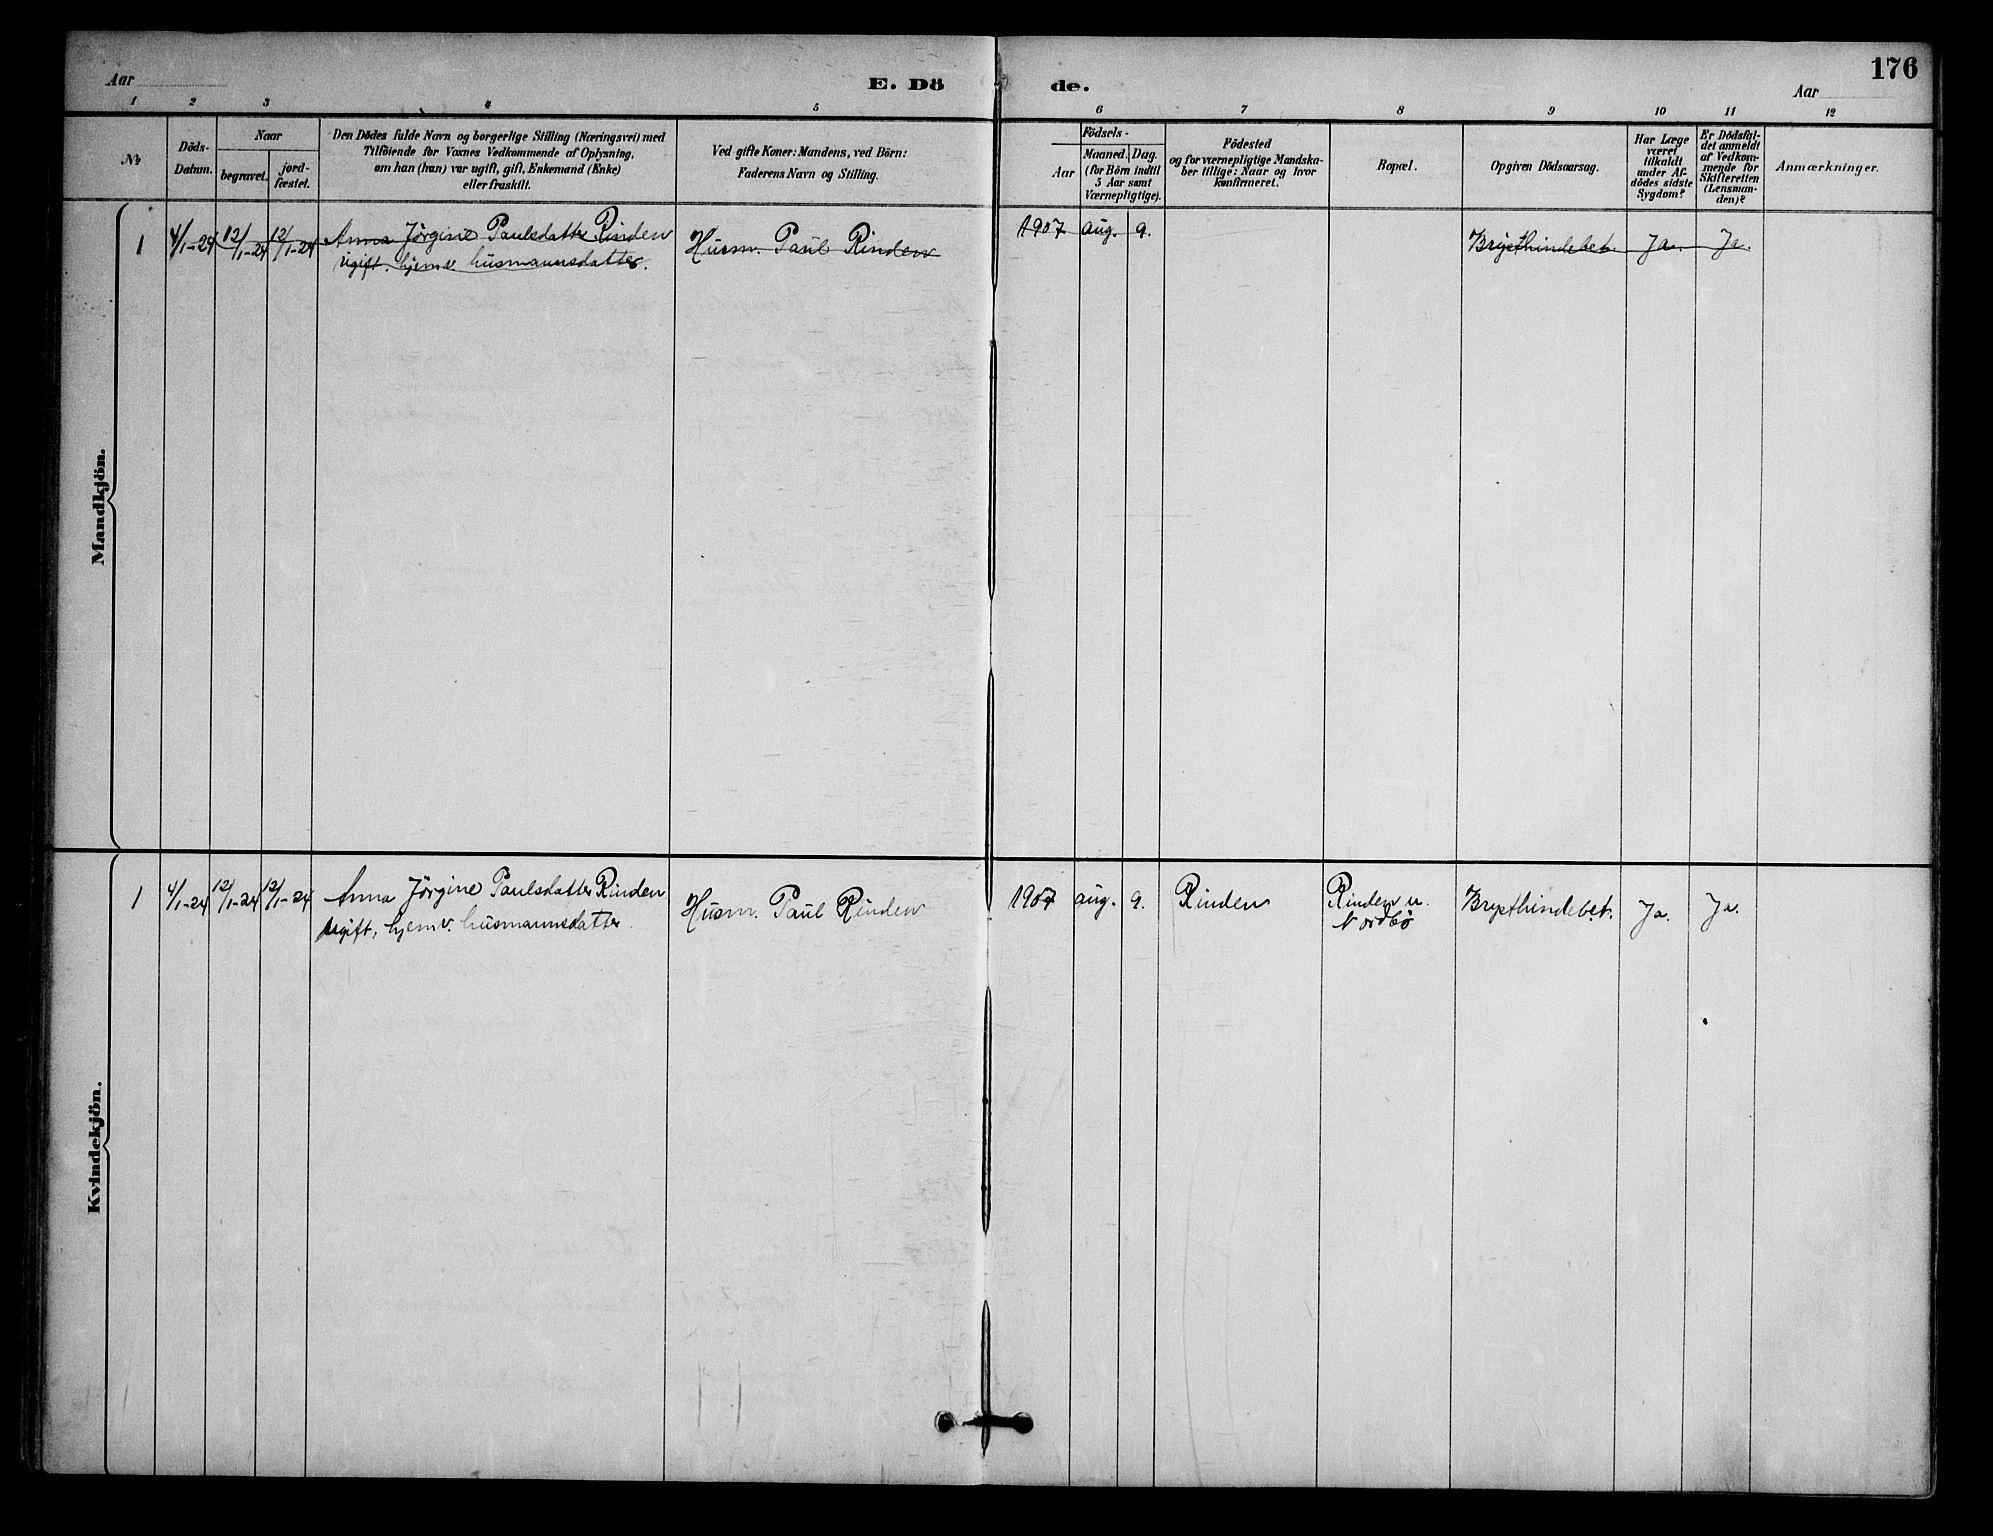 SAKO, Nissedal kirkebøker, G/Ga/L0003: Klokkerbok nr. I 3, 1887-1911, s. 176